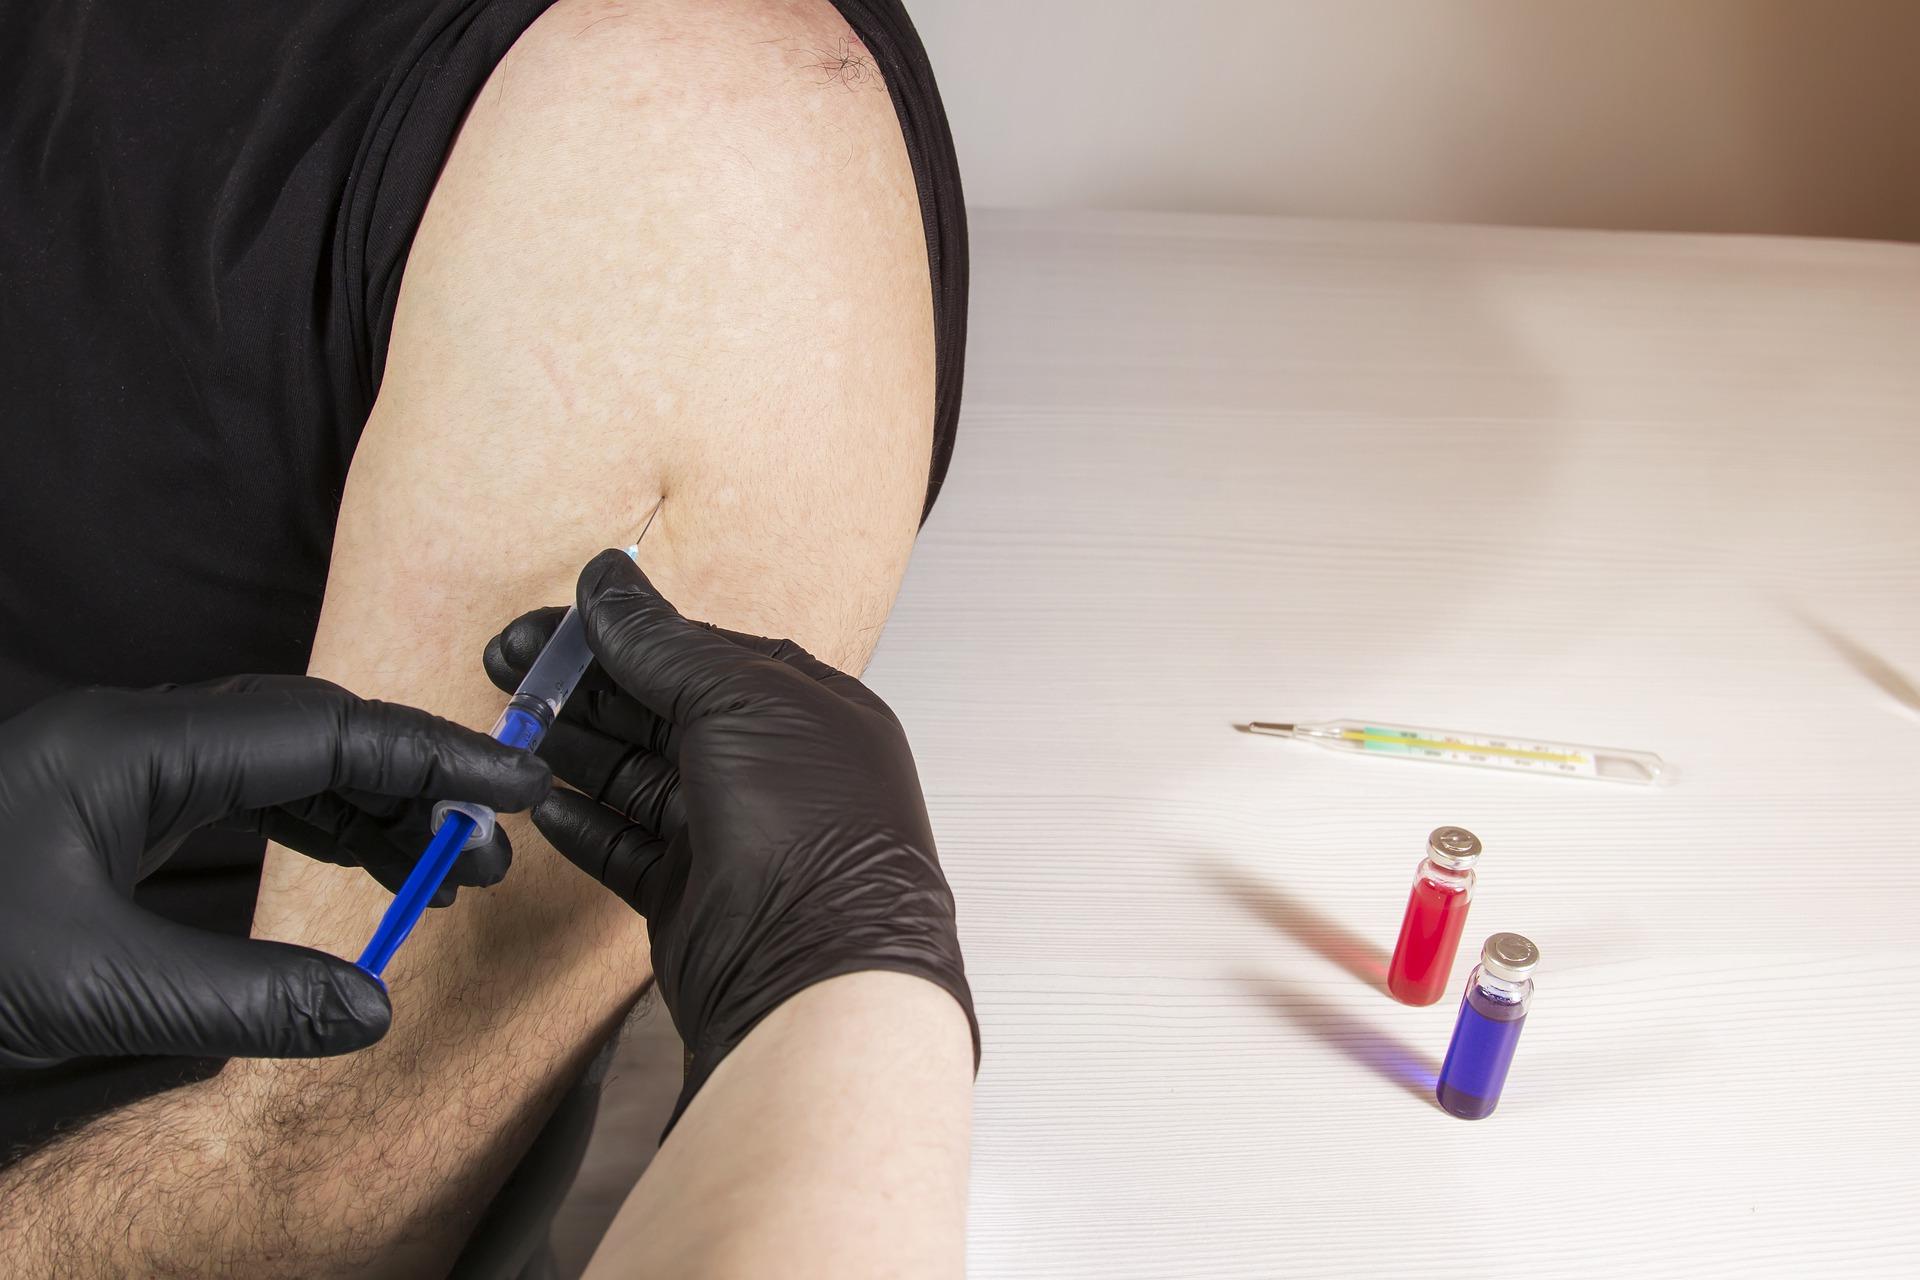 COVID-19 i grypa – czy między szczepionkami powinna być przerwa? [GŁOS EKSPERTÓW]